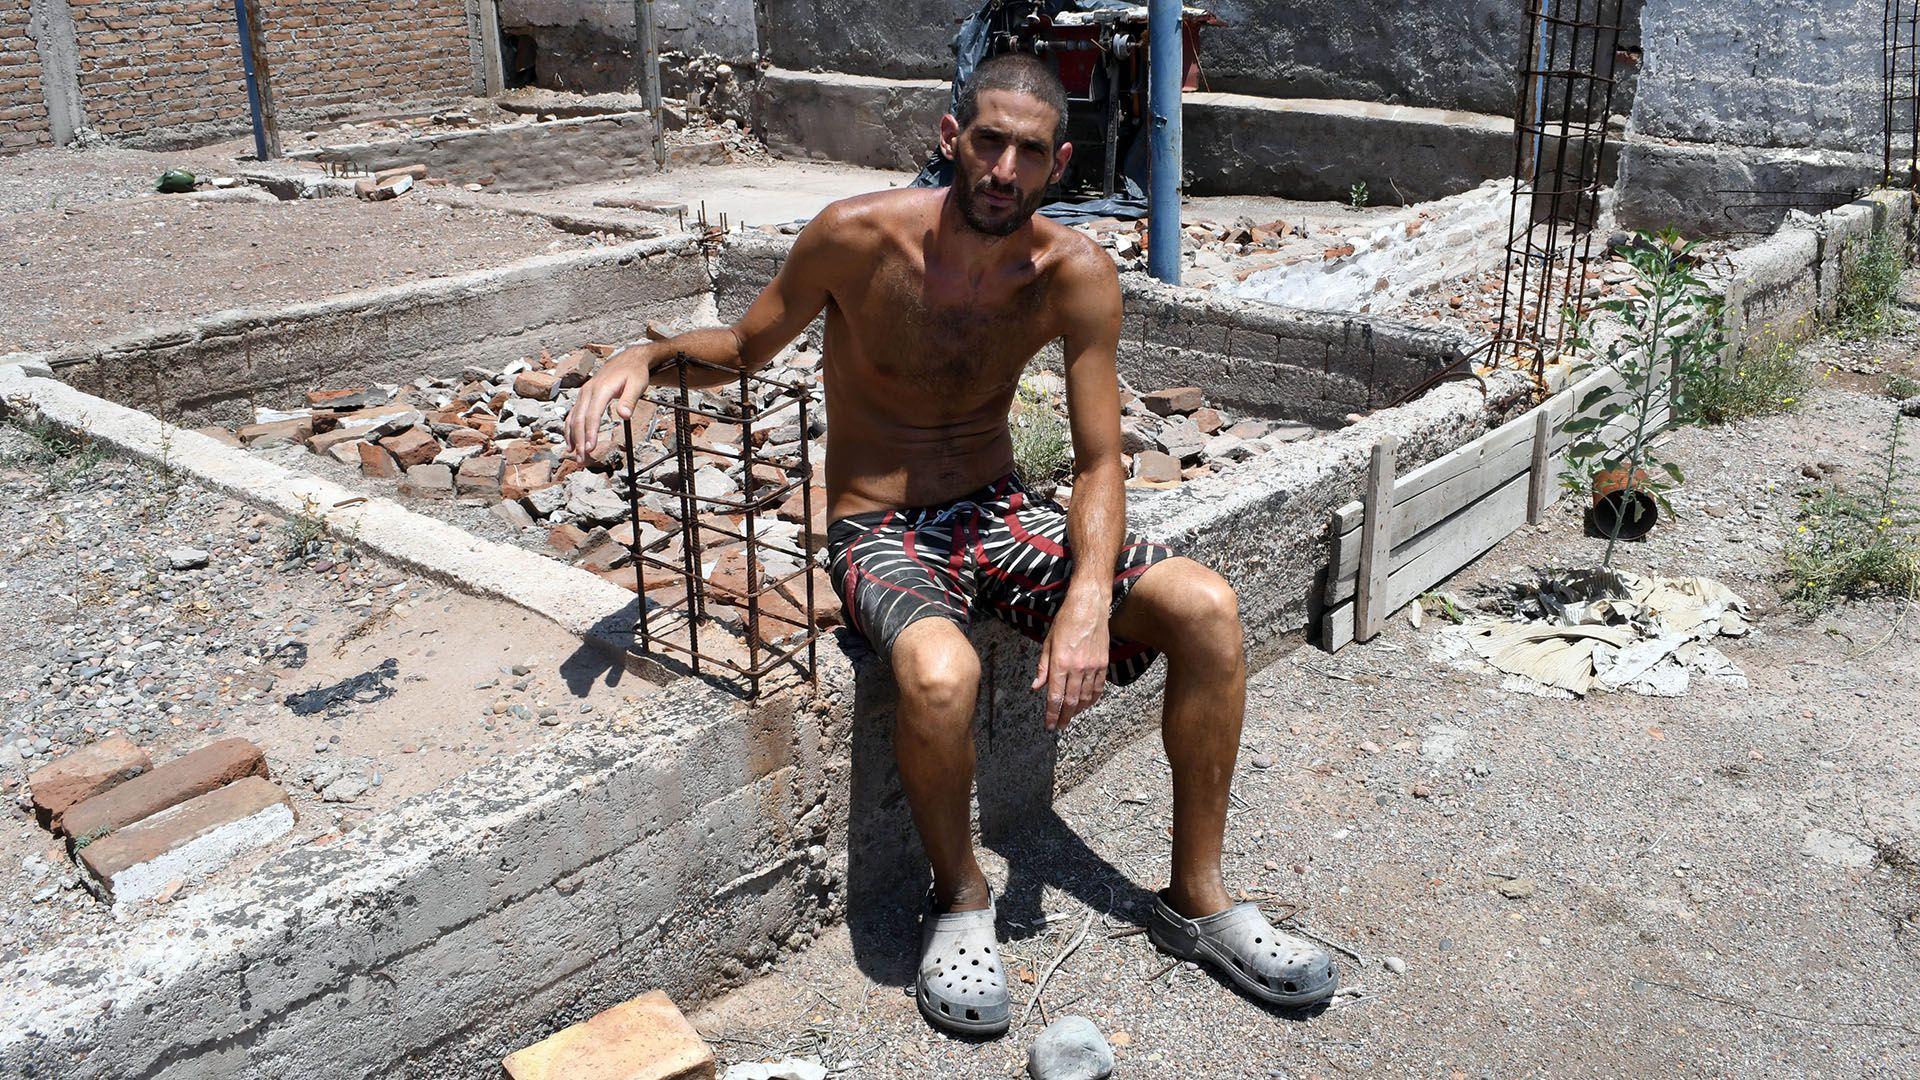 Gilad Gil Pereg, posó dentro de su casa en el exacto lugar donde había enterrado a su madre y a su tía luego de asesinarlas (Telam)